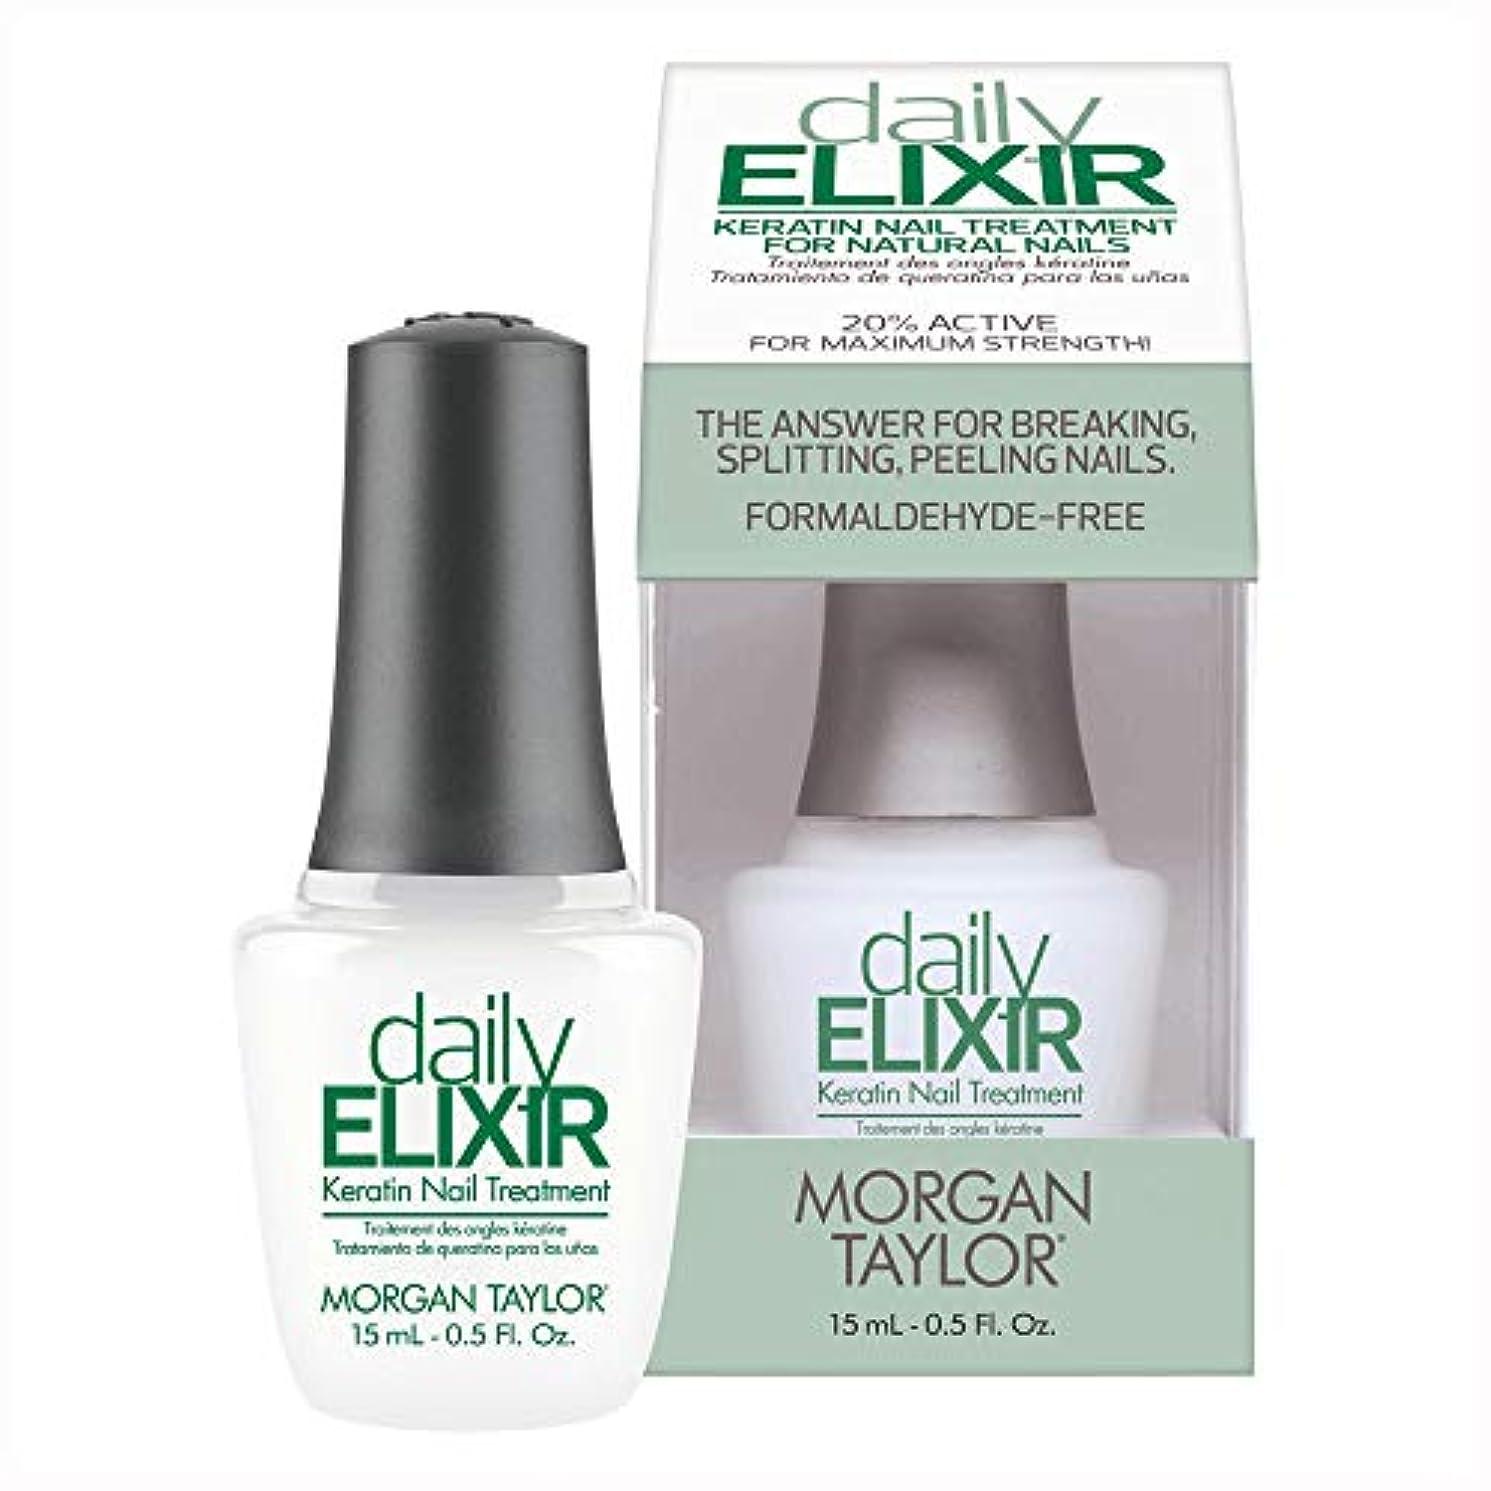 特許慈悲深いオデュッセウスMorgan Taylor - Daily ELIXIR Keratin Nail Treatment - 15 ml/0.5 oz